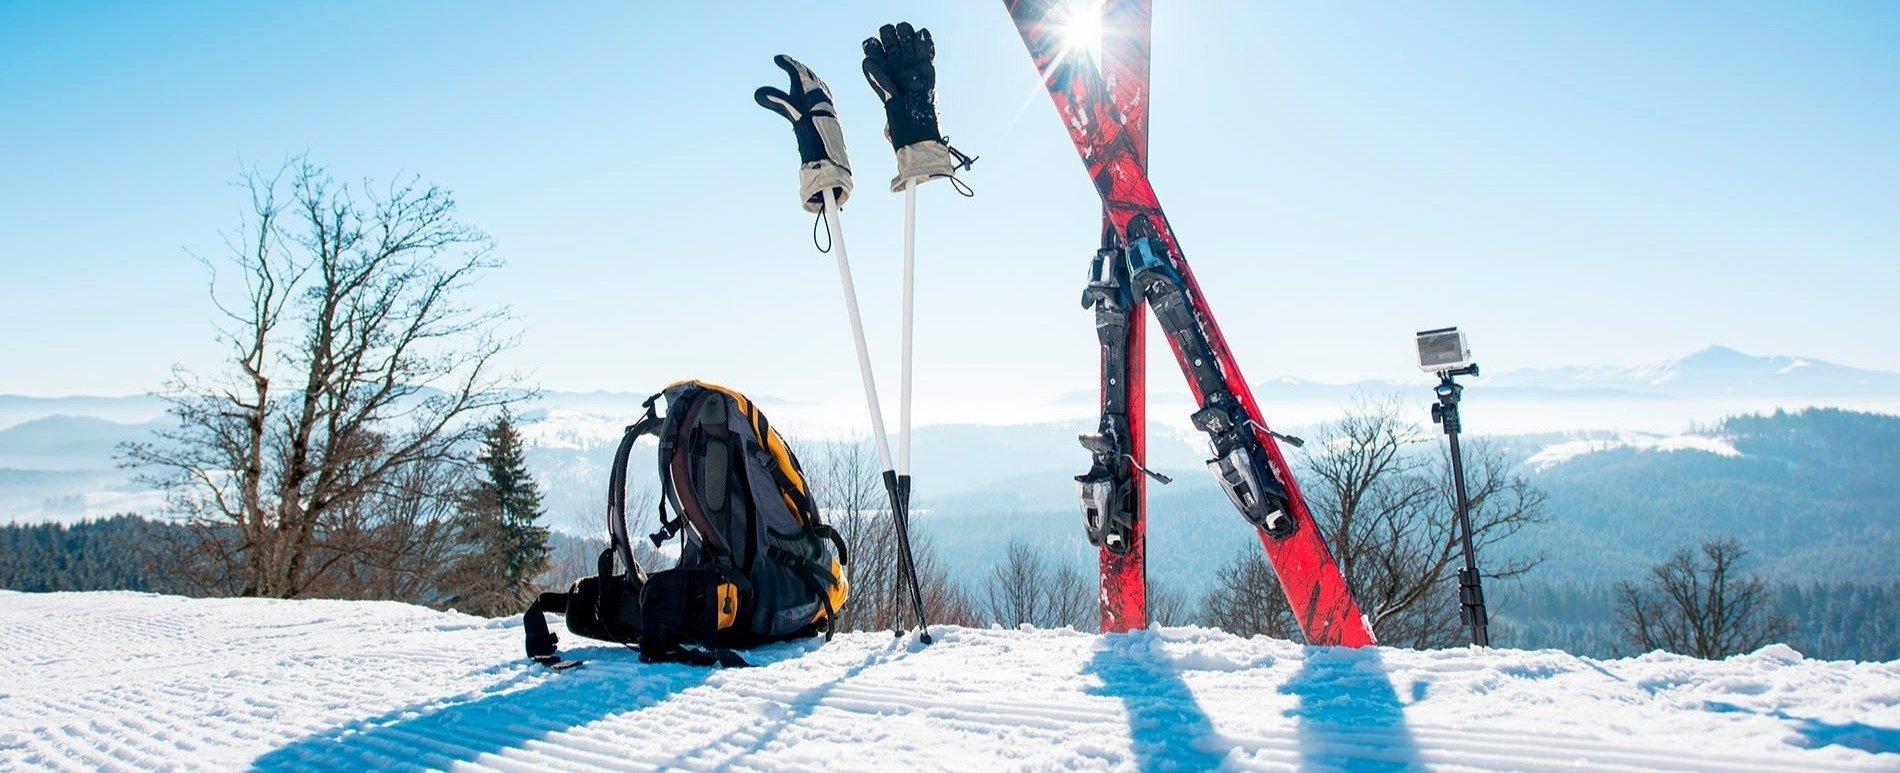 Oferta hotel 4* e passe de esqui em Grandvalira